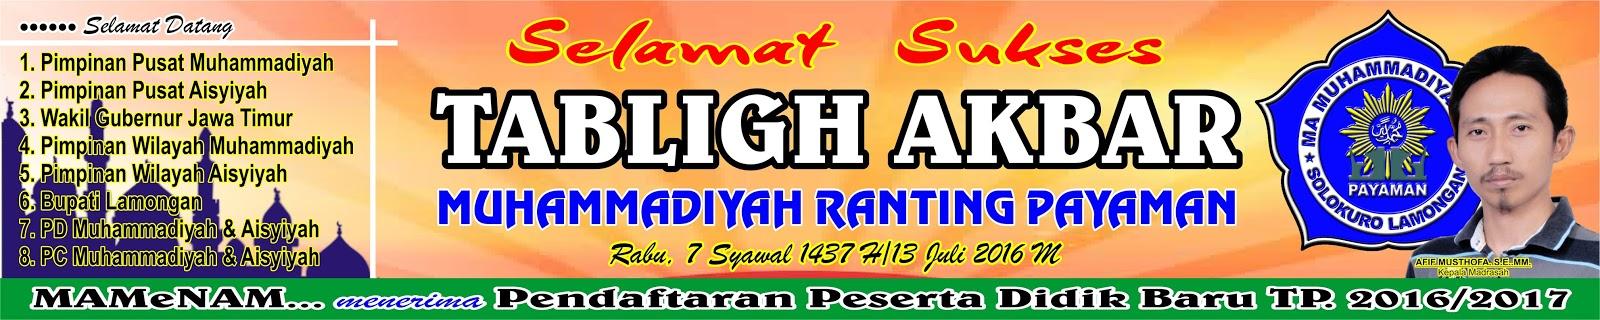 Mamusix Com Ma Muhammadiyah 6 Payaman